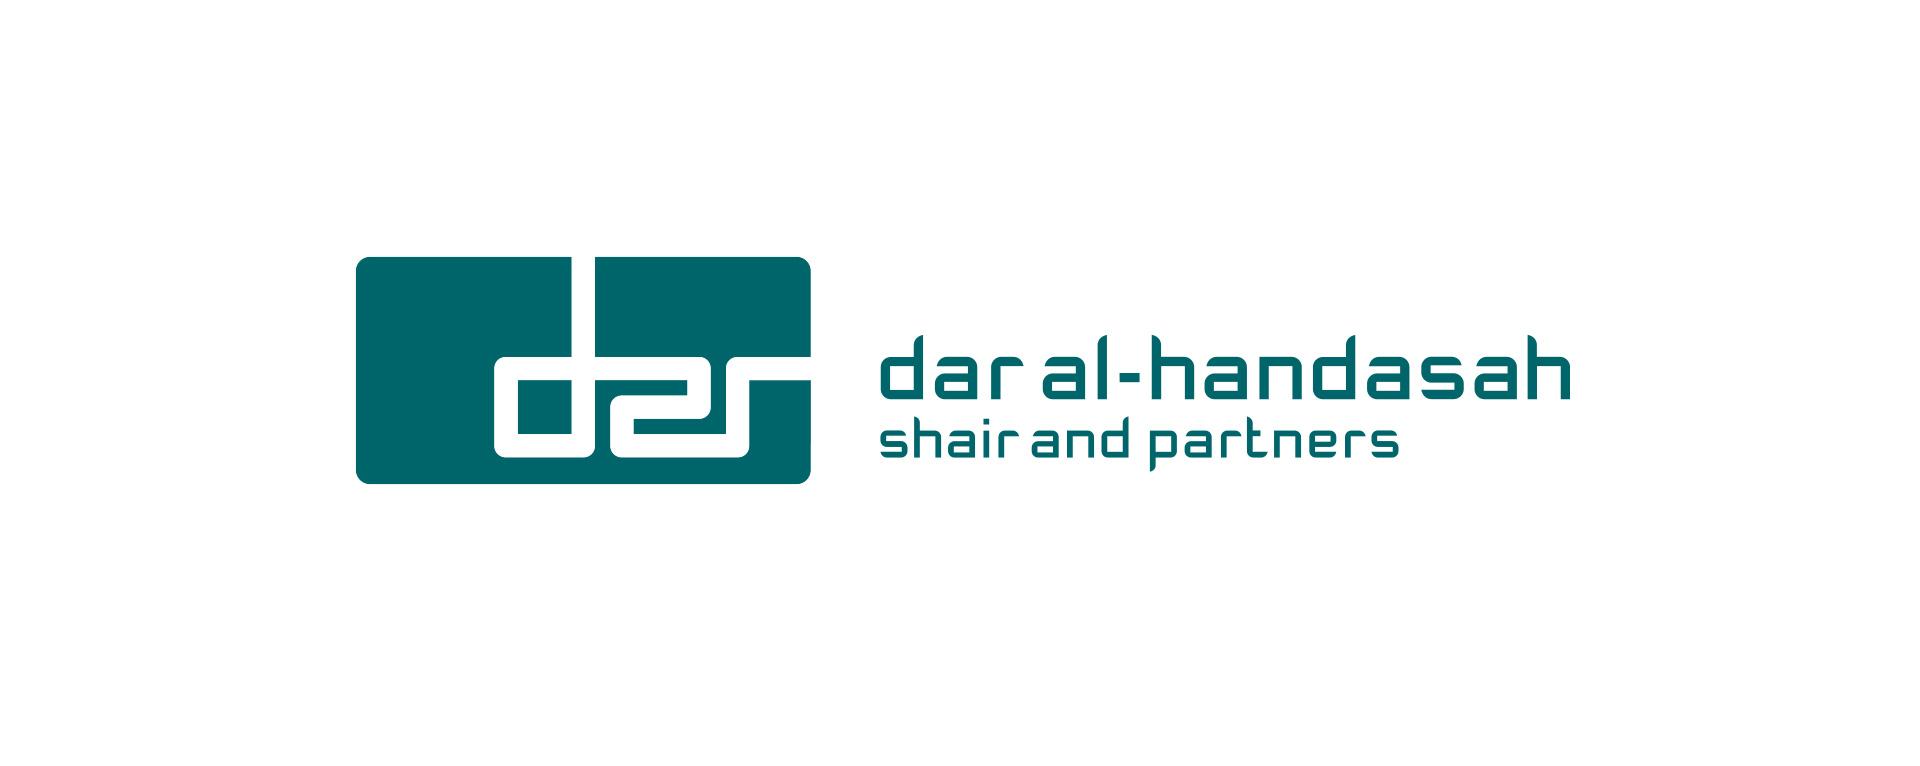 dar_logo_WhiteBackground